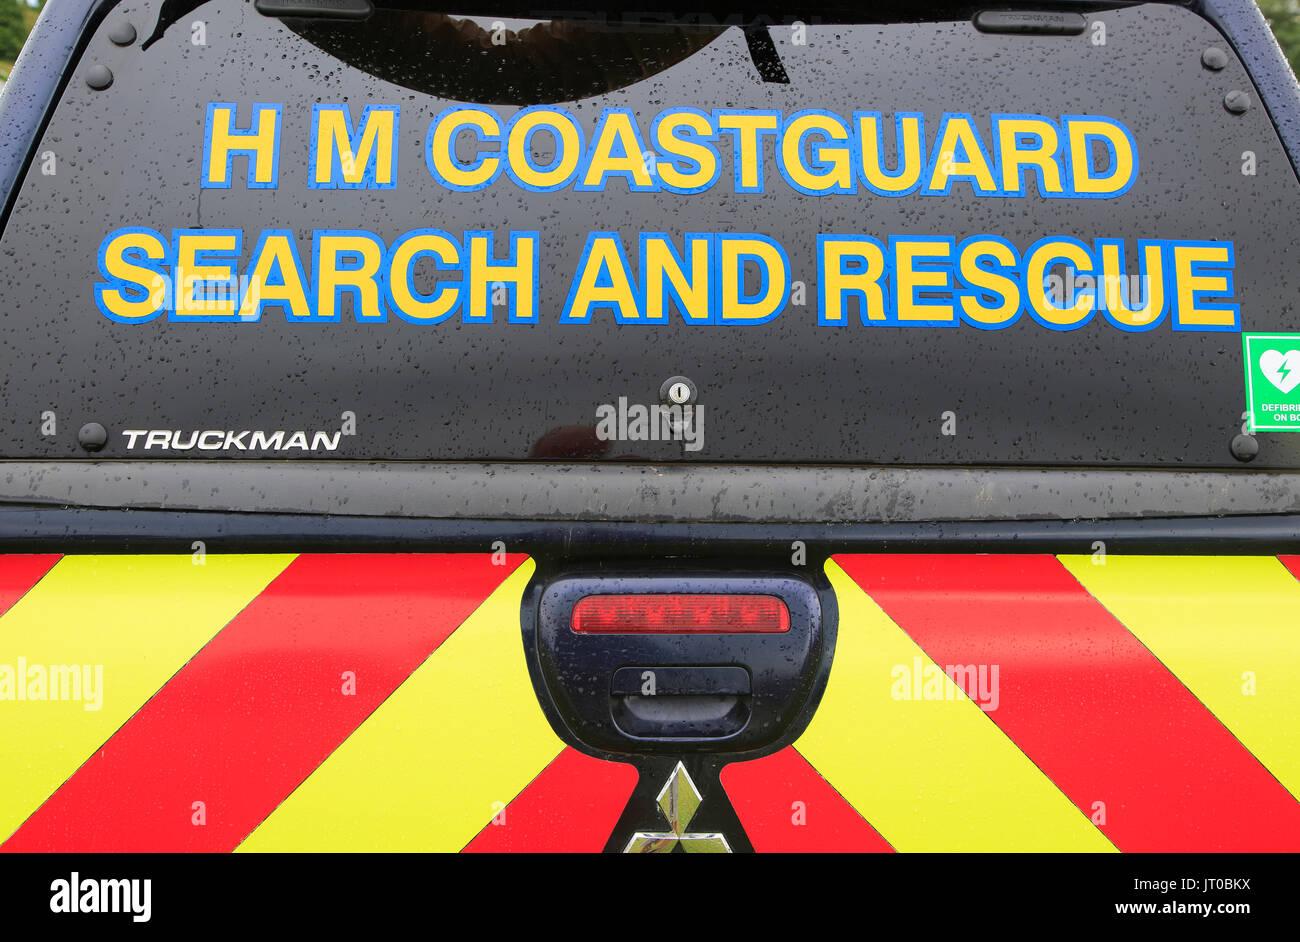 Hm Coastguard Search Rescue Vehicle Stock Photos & Hm Coastguard ...